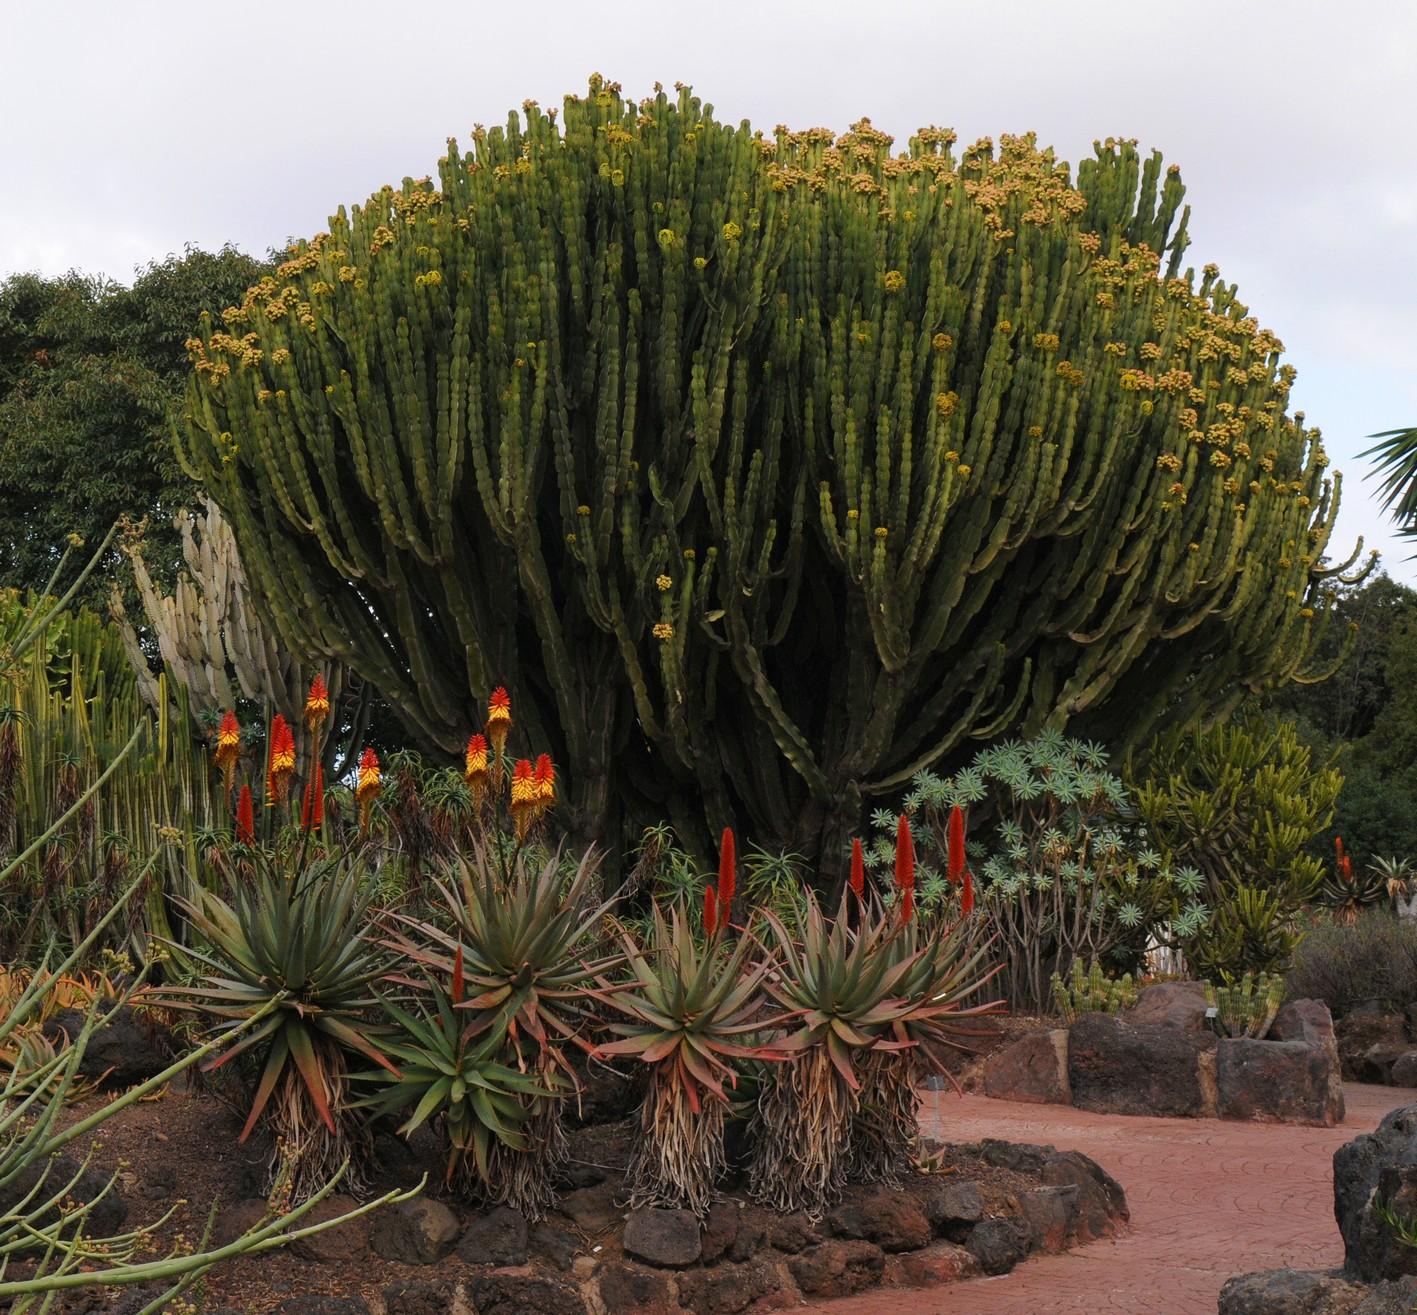 kaktustræ, botanisk have1, gran canaria